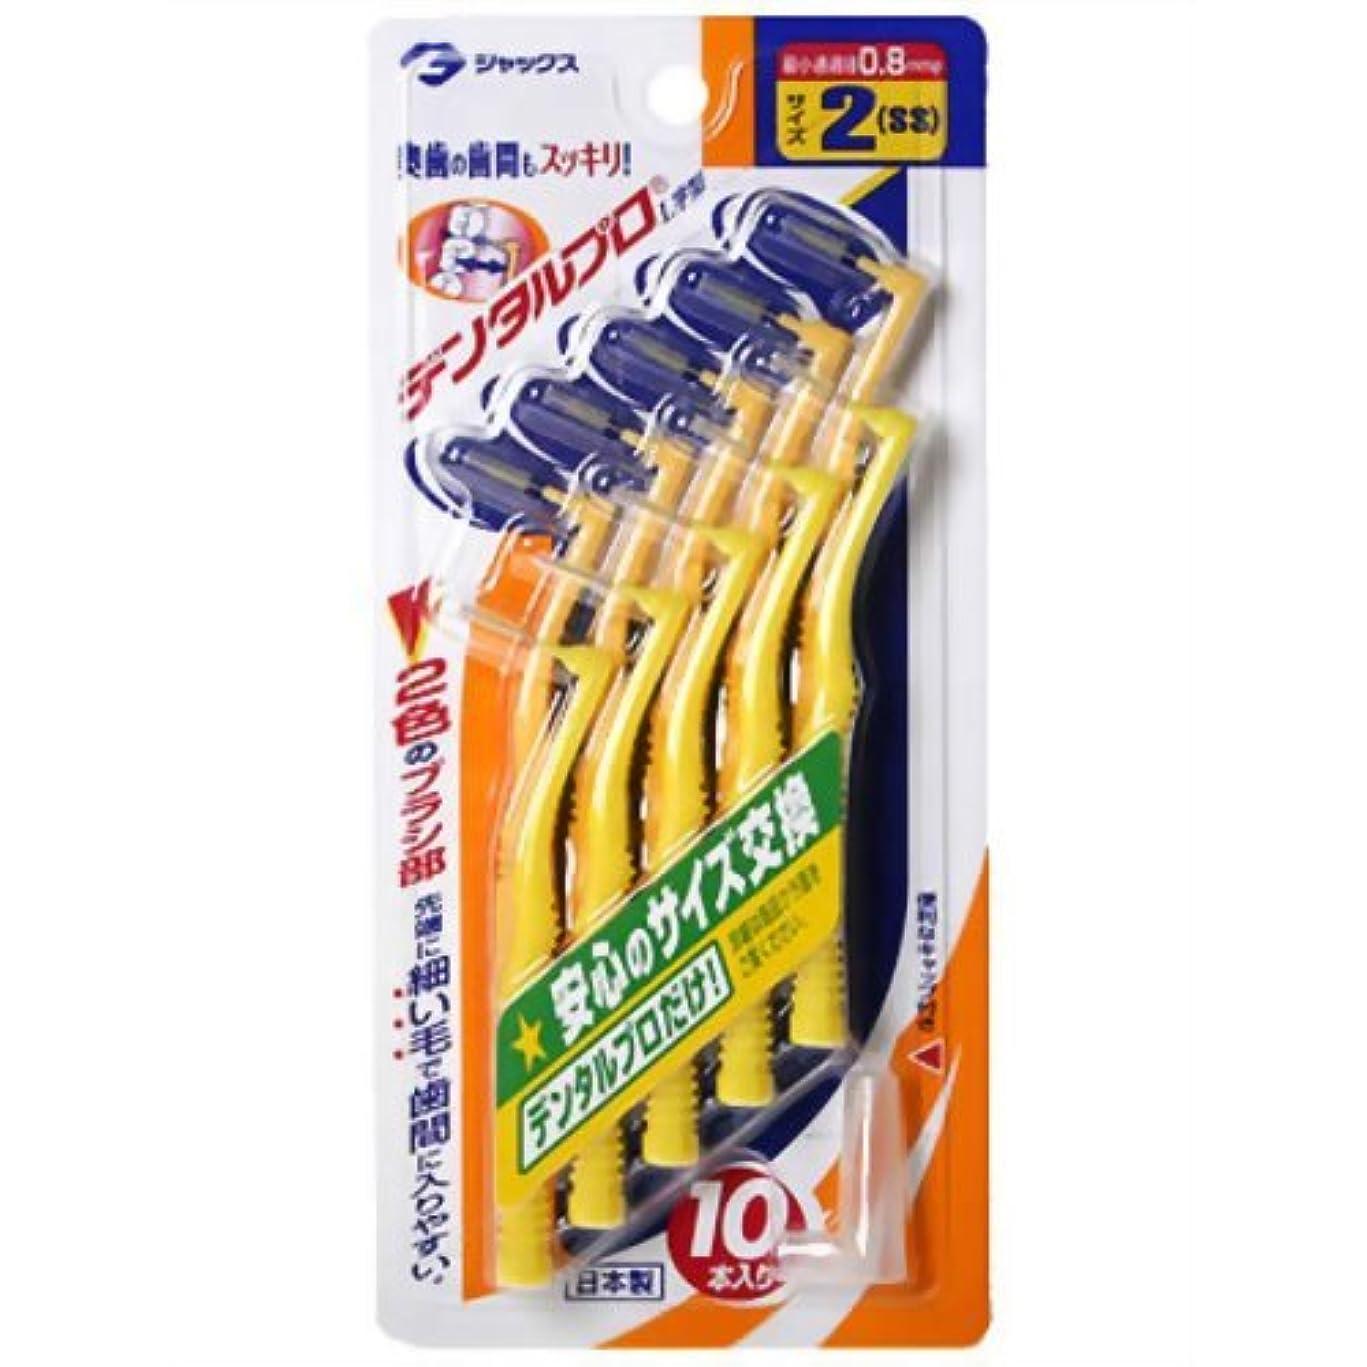 団結ネーピア贅沢デンタルプロ L字型歯間ブラシ サイズ2(SS) ×6個セット